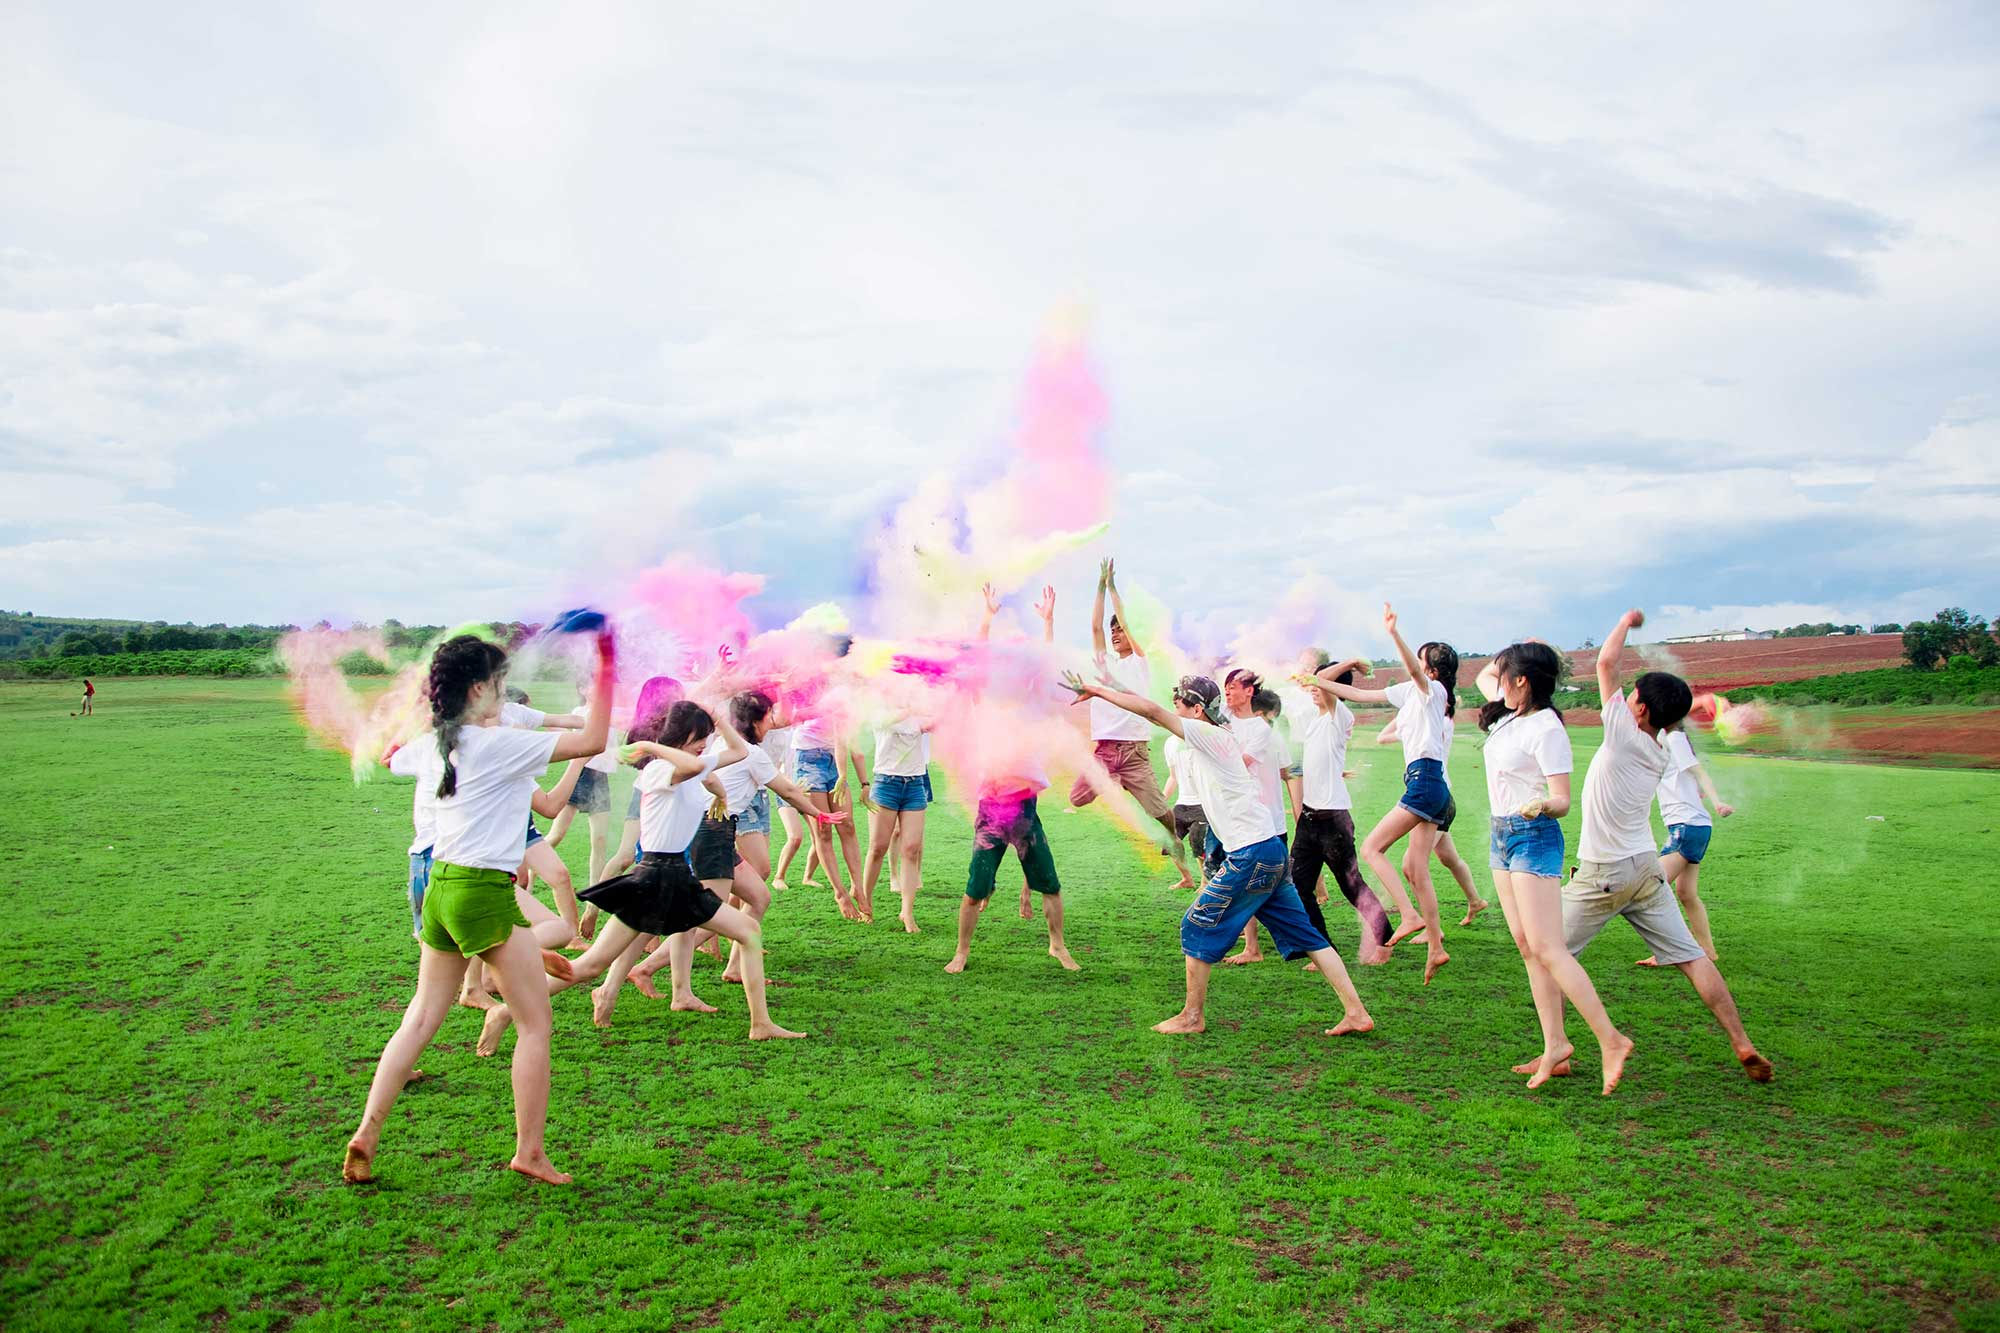 Ảnh kỷ yếu mang âm hưởng 'Color me run' của teen Chư Sê